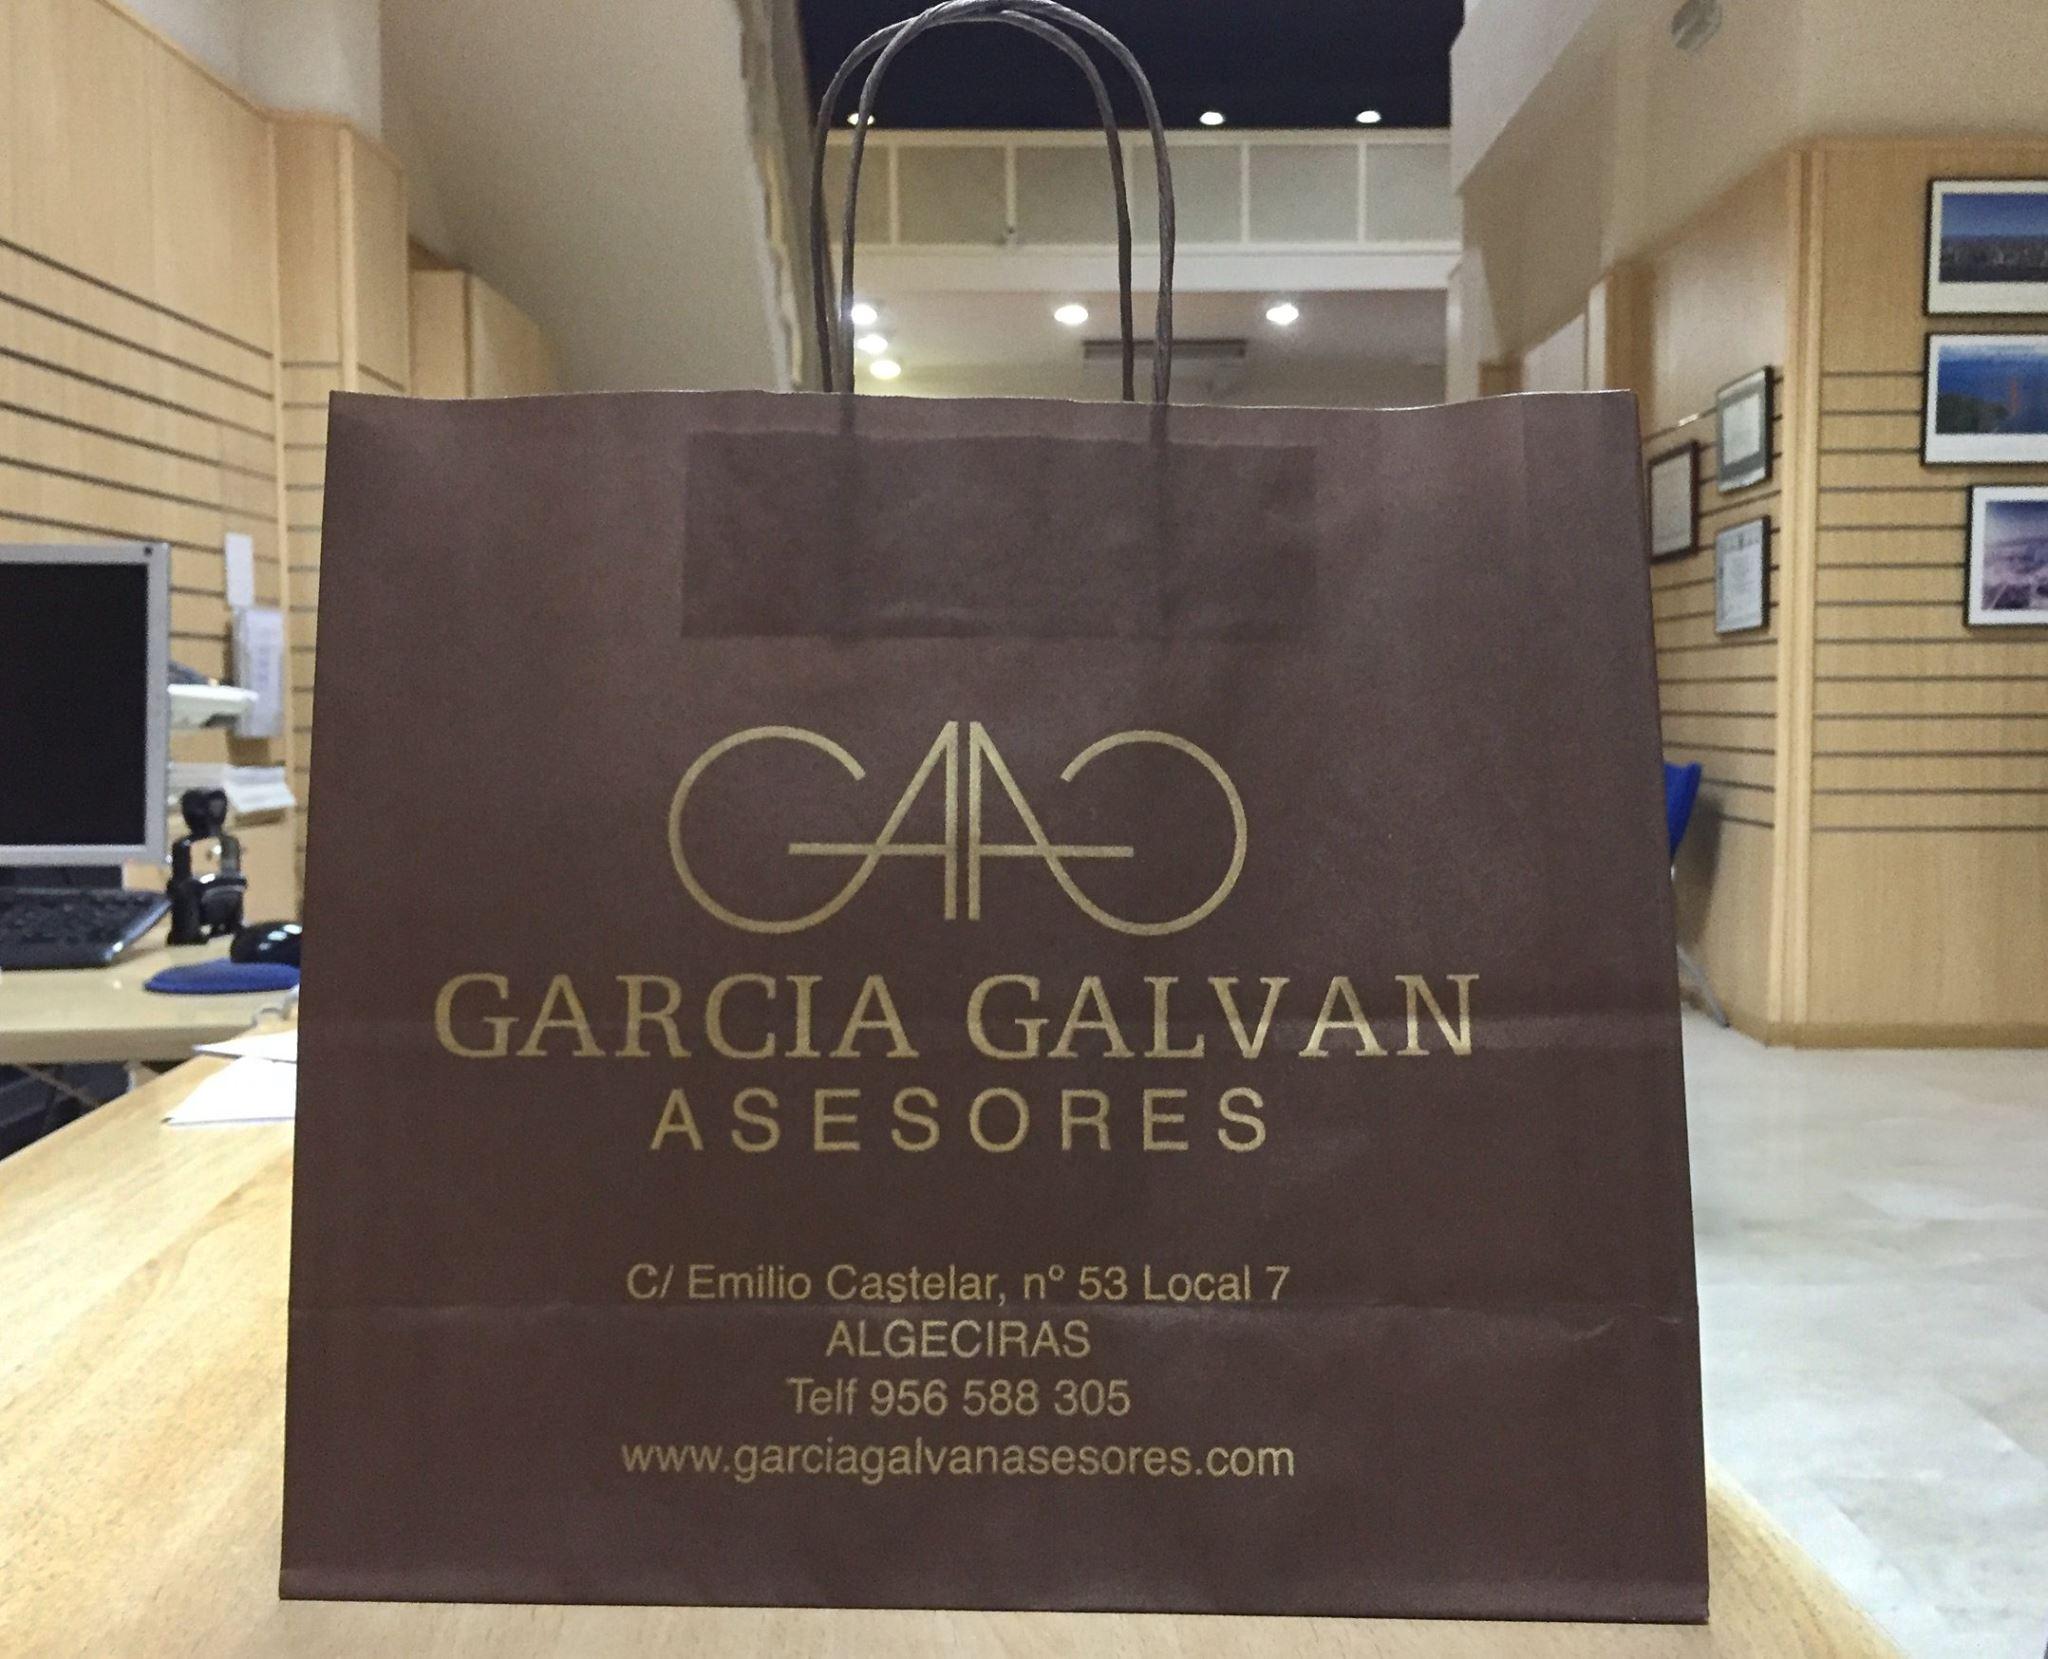 GARCIA GALVAN ASESORES